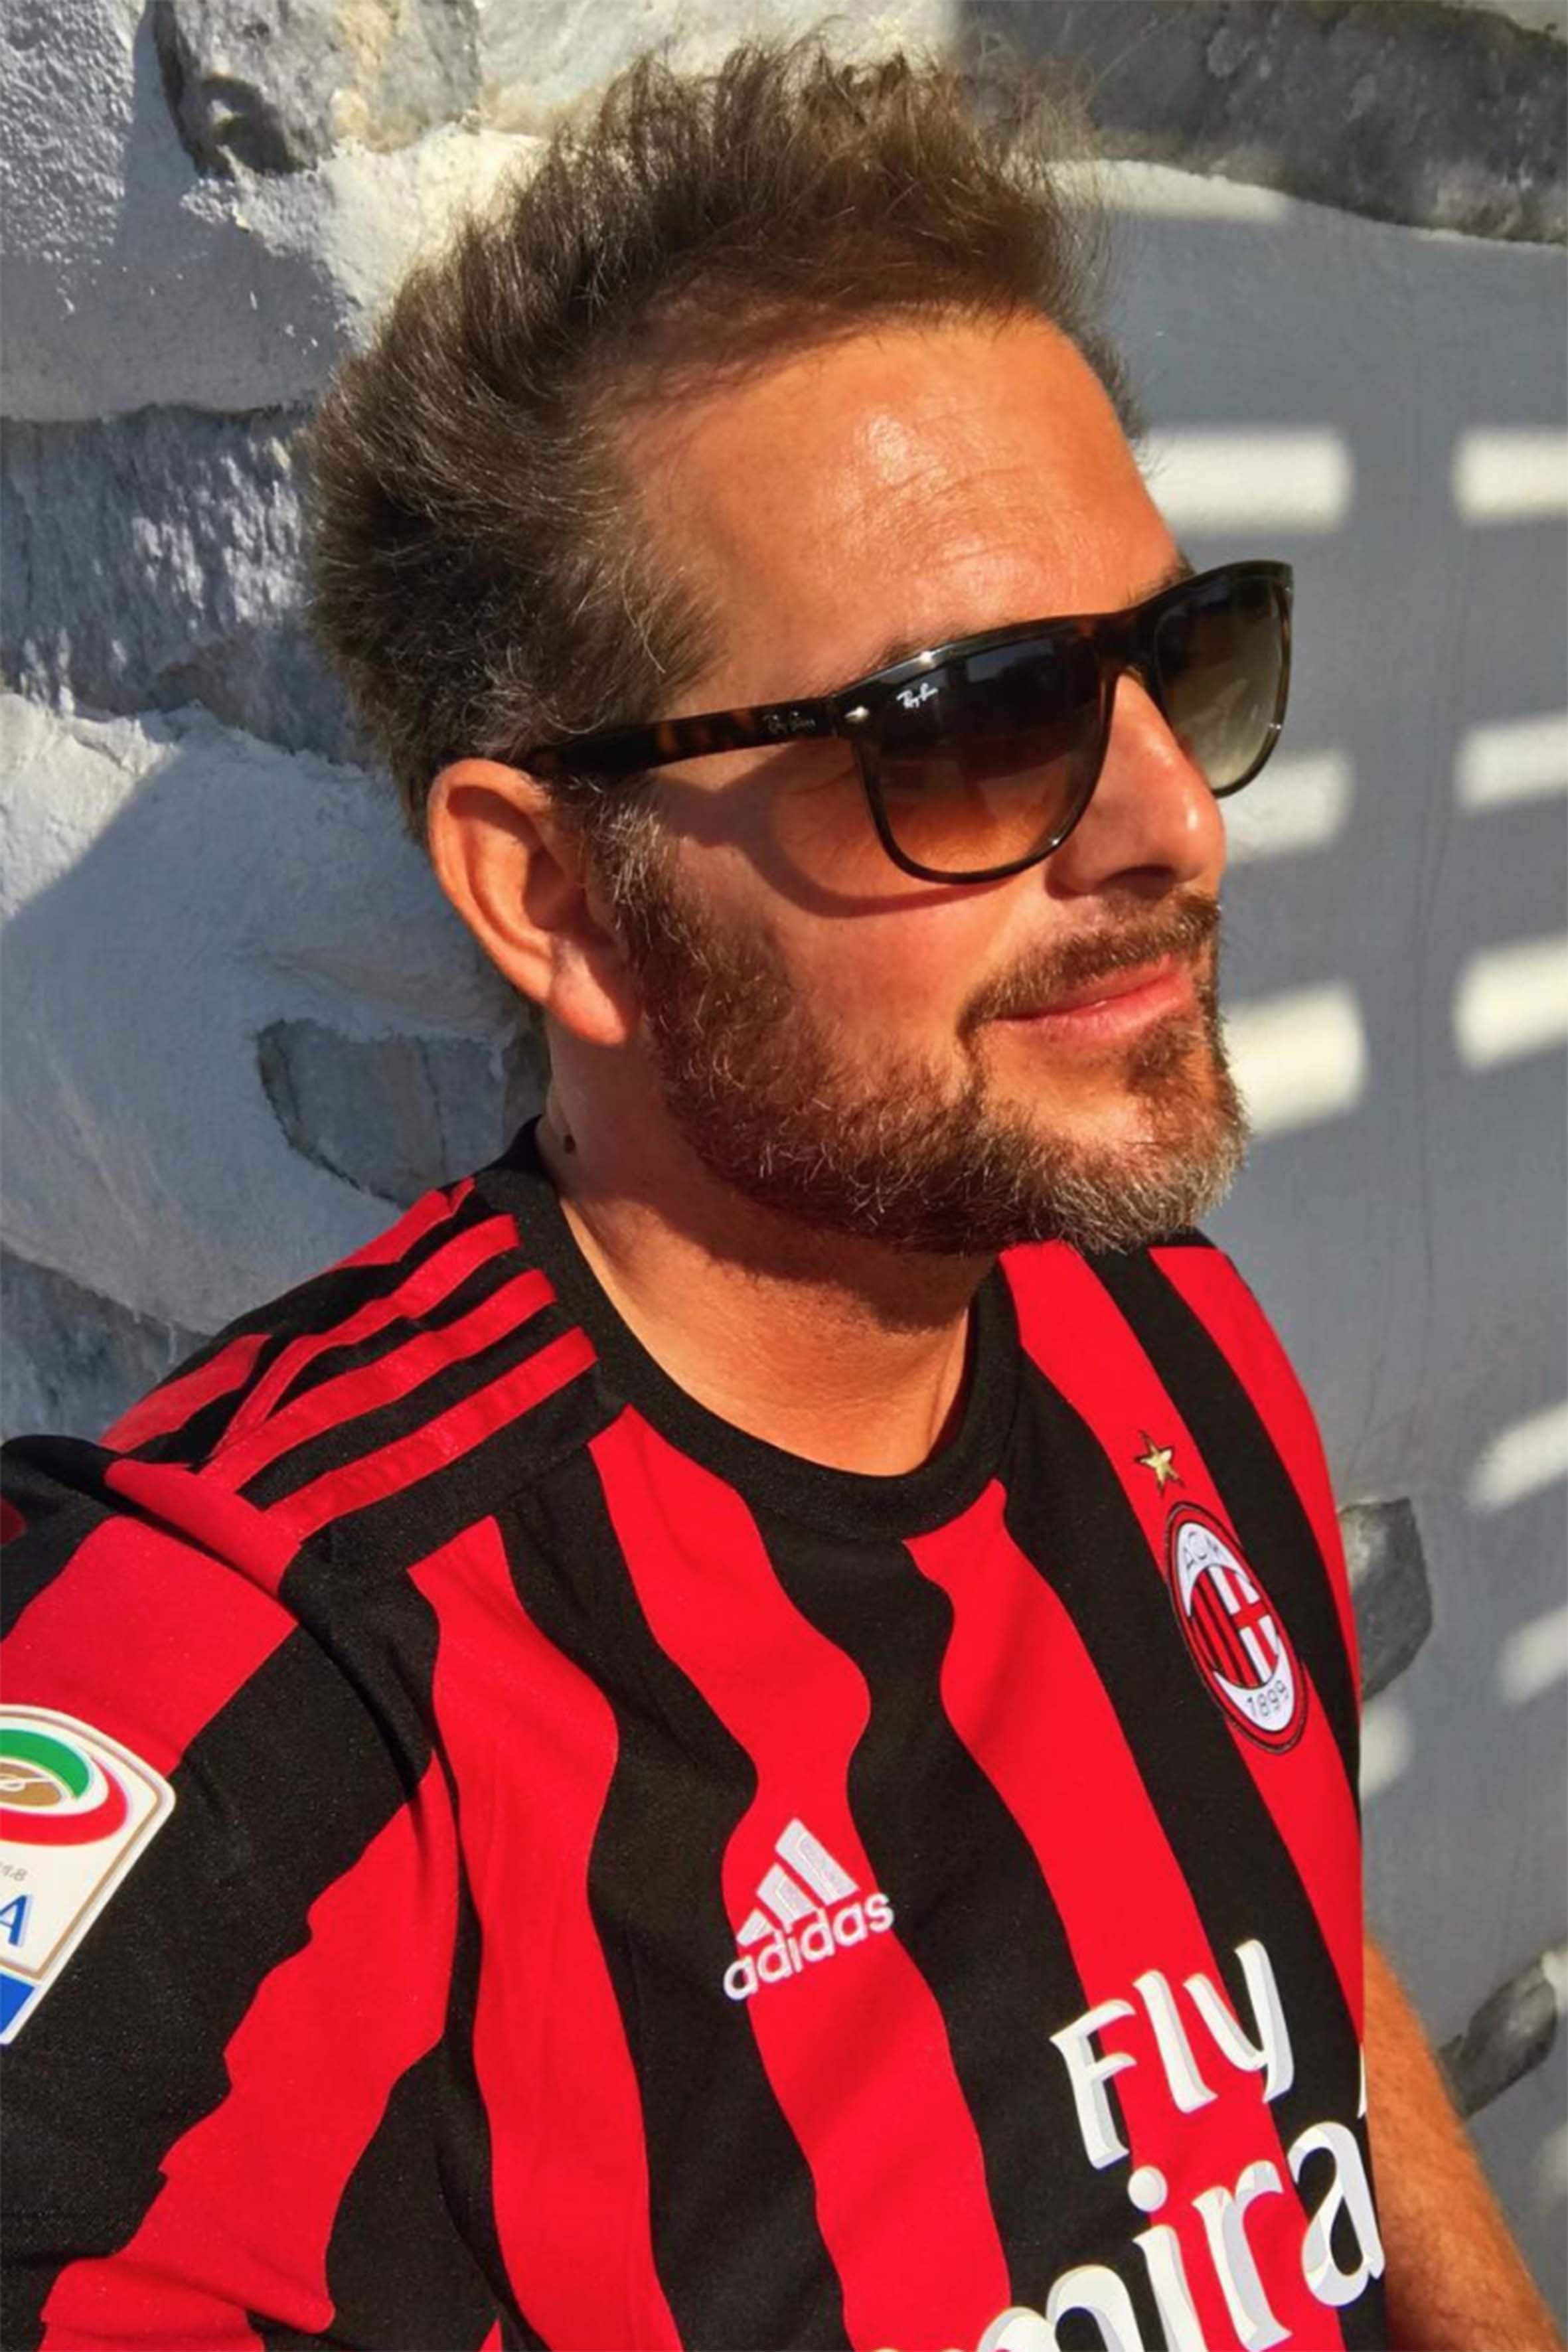 """Forse non tutti sanno che Daniele Bossari è un grande tifoso del Milan. """"Sono legato a questi colori fin da bambino, quando con mio padre andai allo stadio per la prima volta e riuscii a vivere la parabola vincente del club, quasi come la resurrezione di una fenice"""" ha raccontato alla Gazzetta dello sport"""